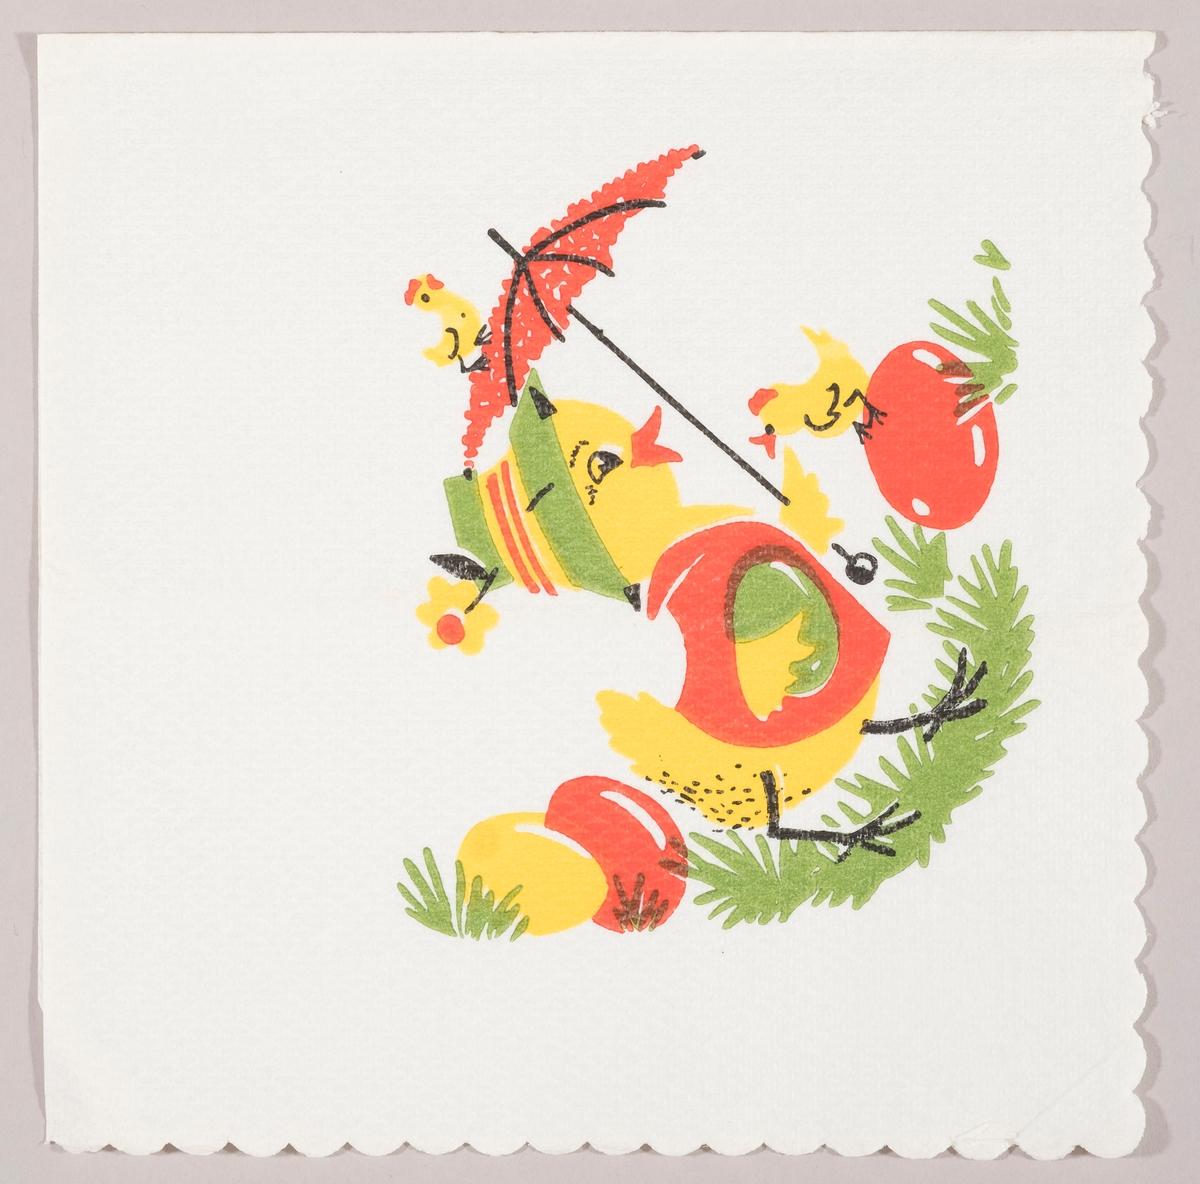 En stor kylling som har hatt og genser går med en parasol og et grønt påskeegg. Kyllingen er omgitt av to små kyllinger, grønt gress og gule og røde påskeegg